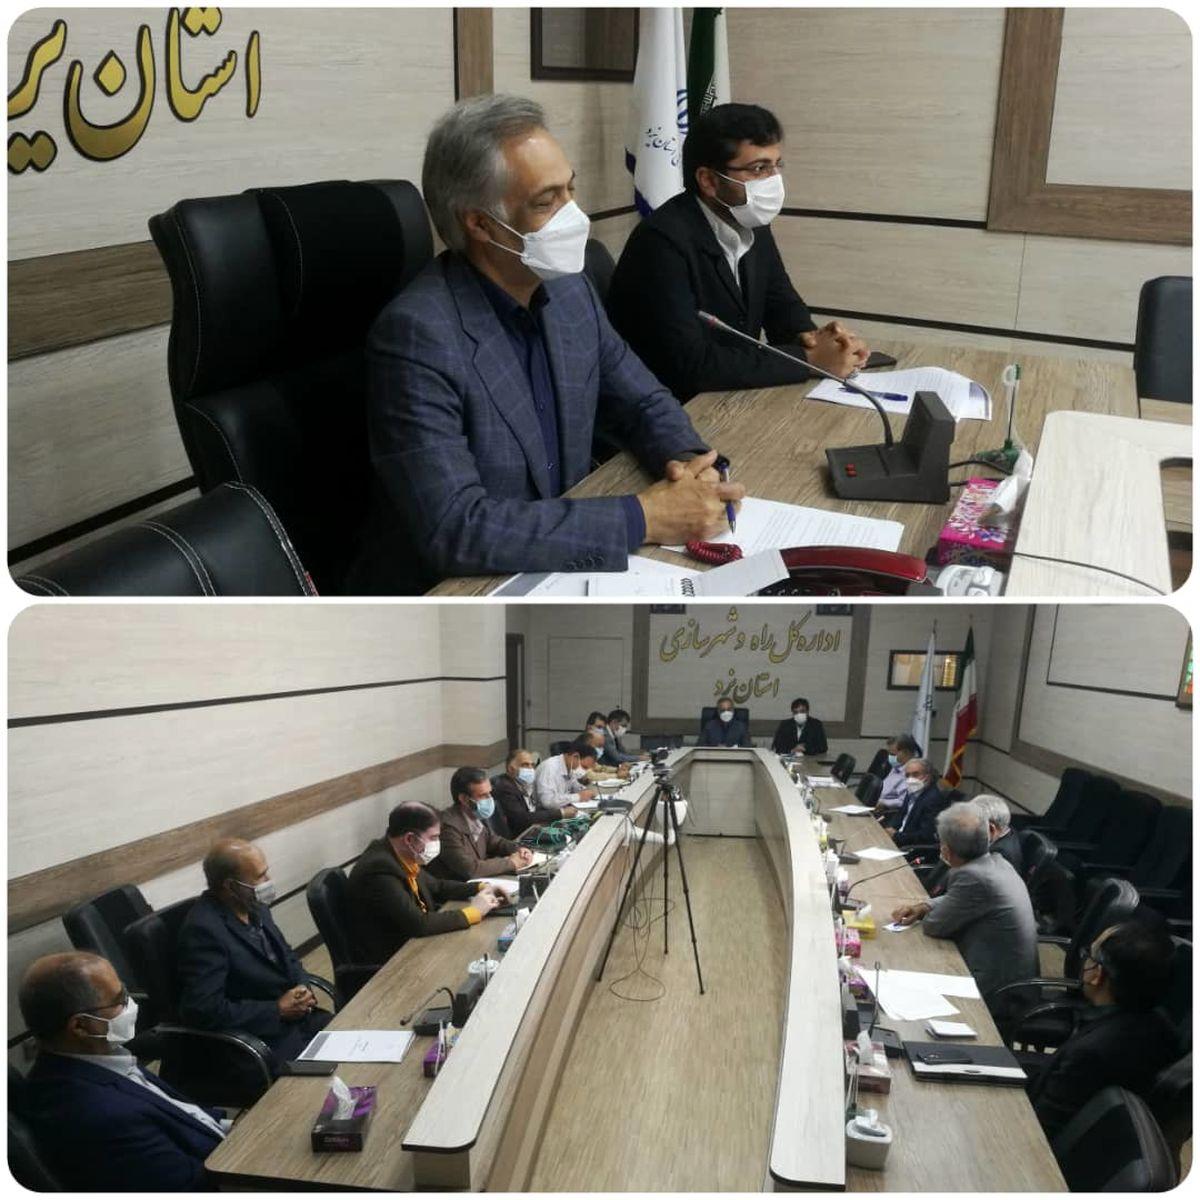 انتخاب اعضای هیئت اجرایی نهمین انتخابات هیئت مدیره نظام مهندسی ساختمان یزد